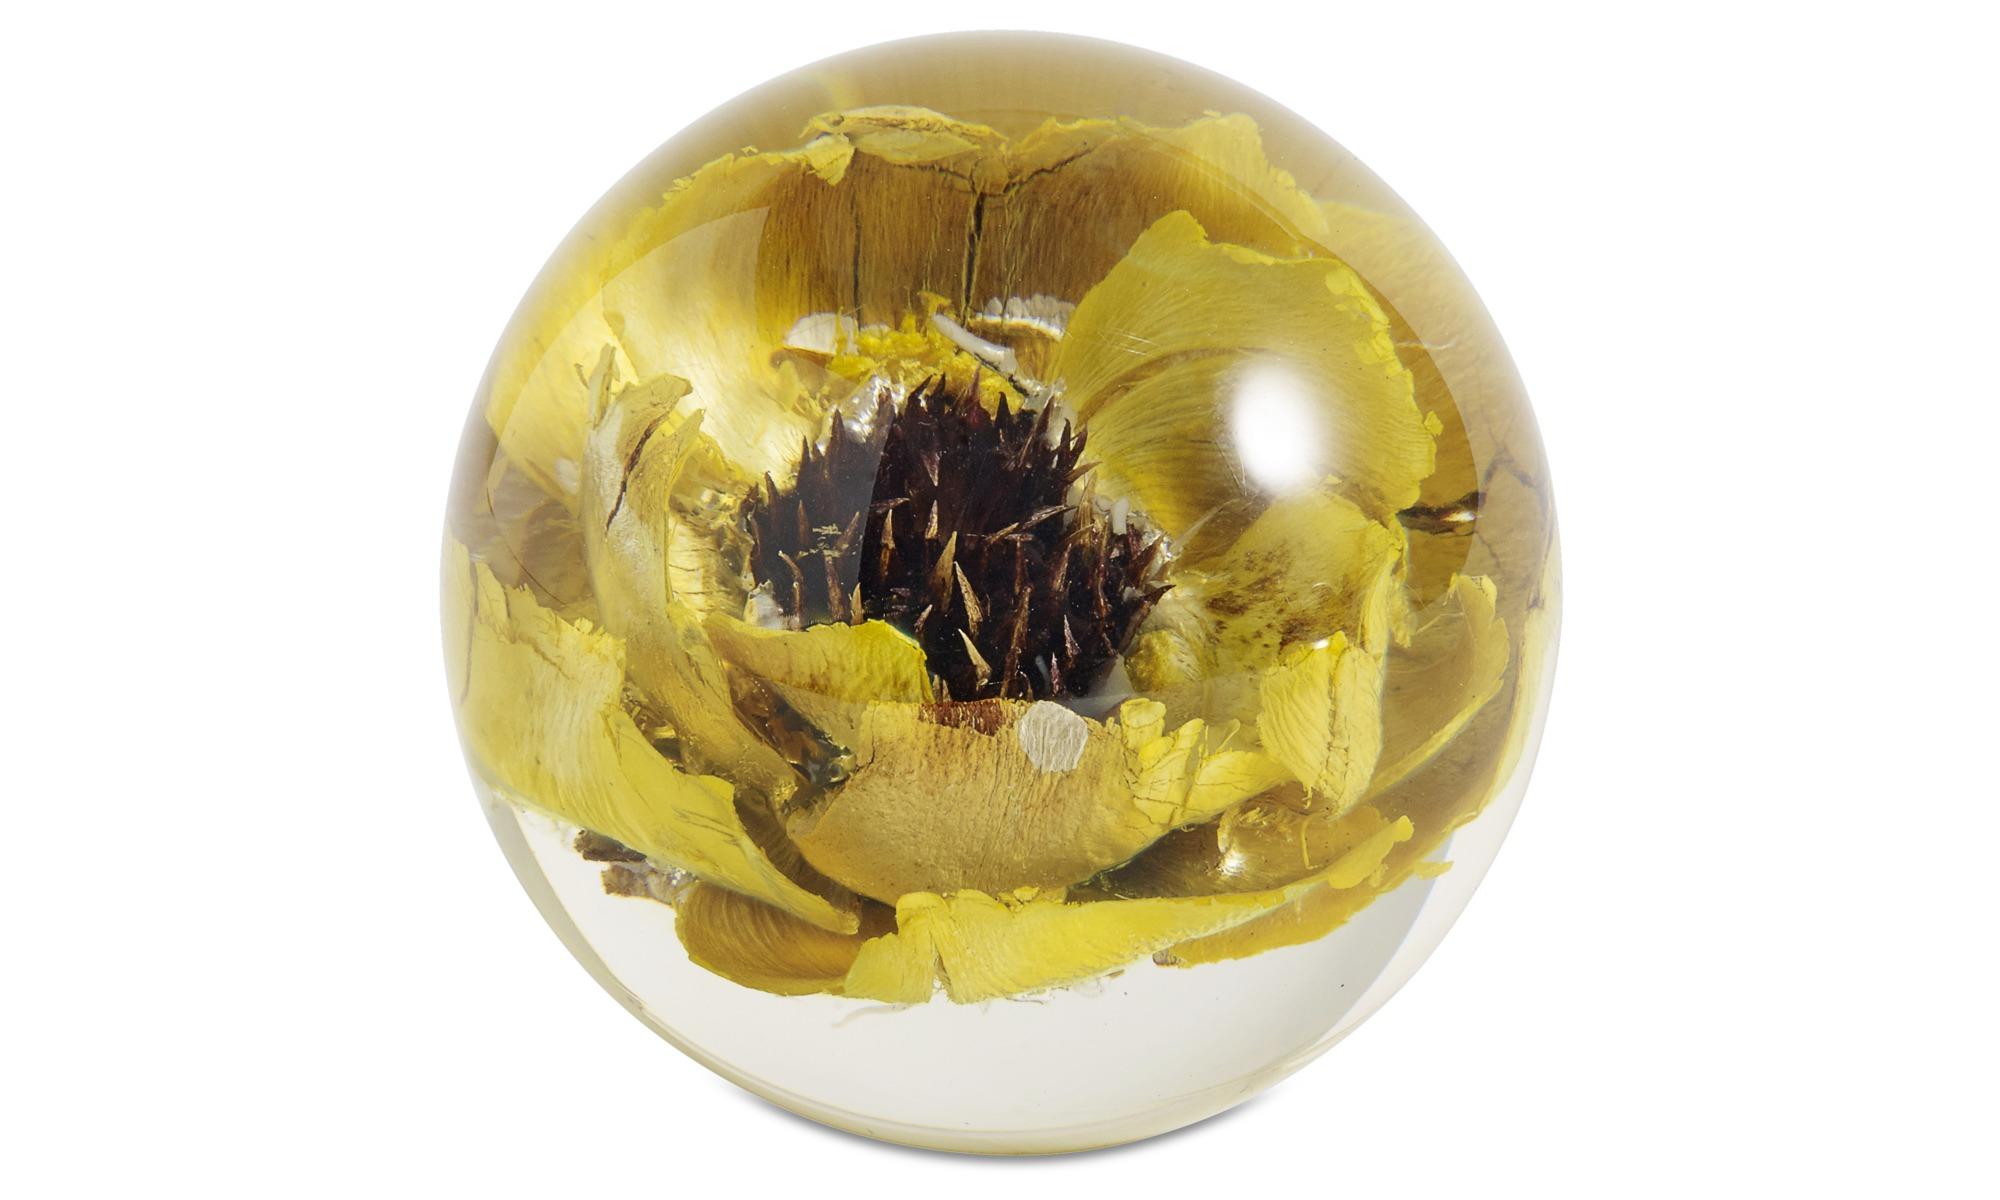 Decoration - Papaver rhoeas sculpture - Yellow - Plastic